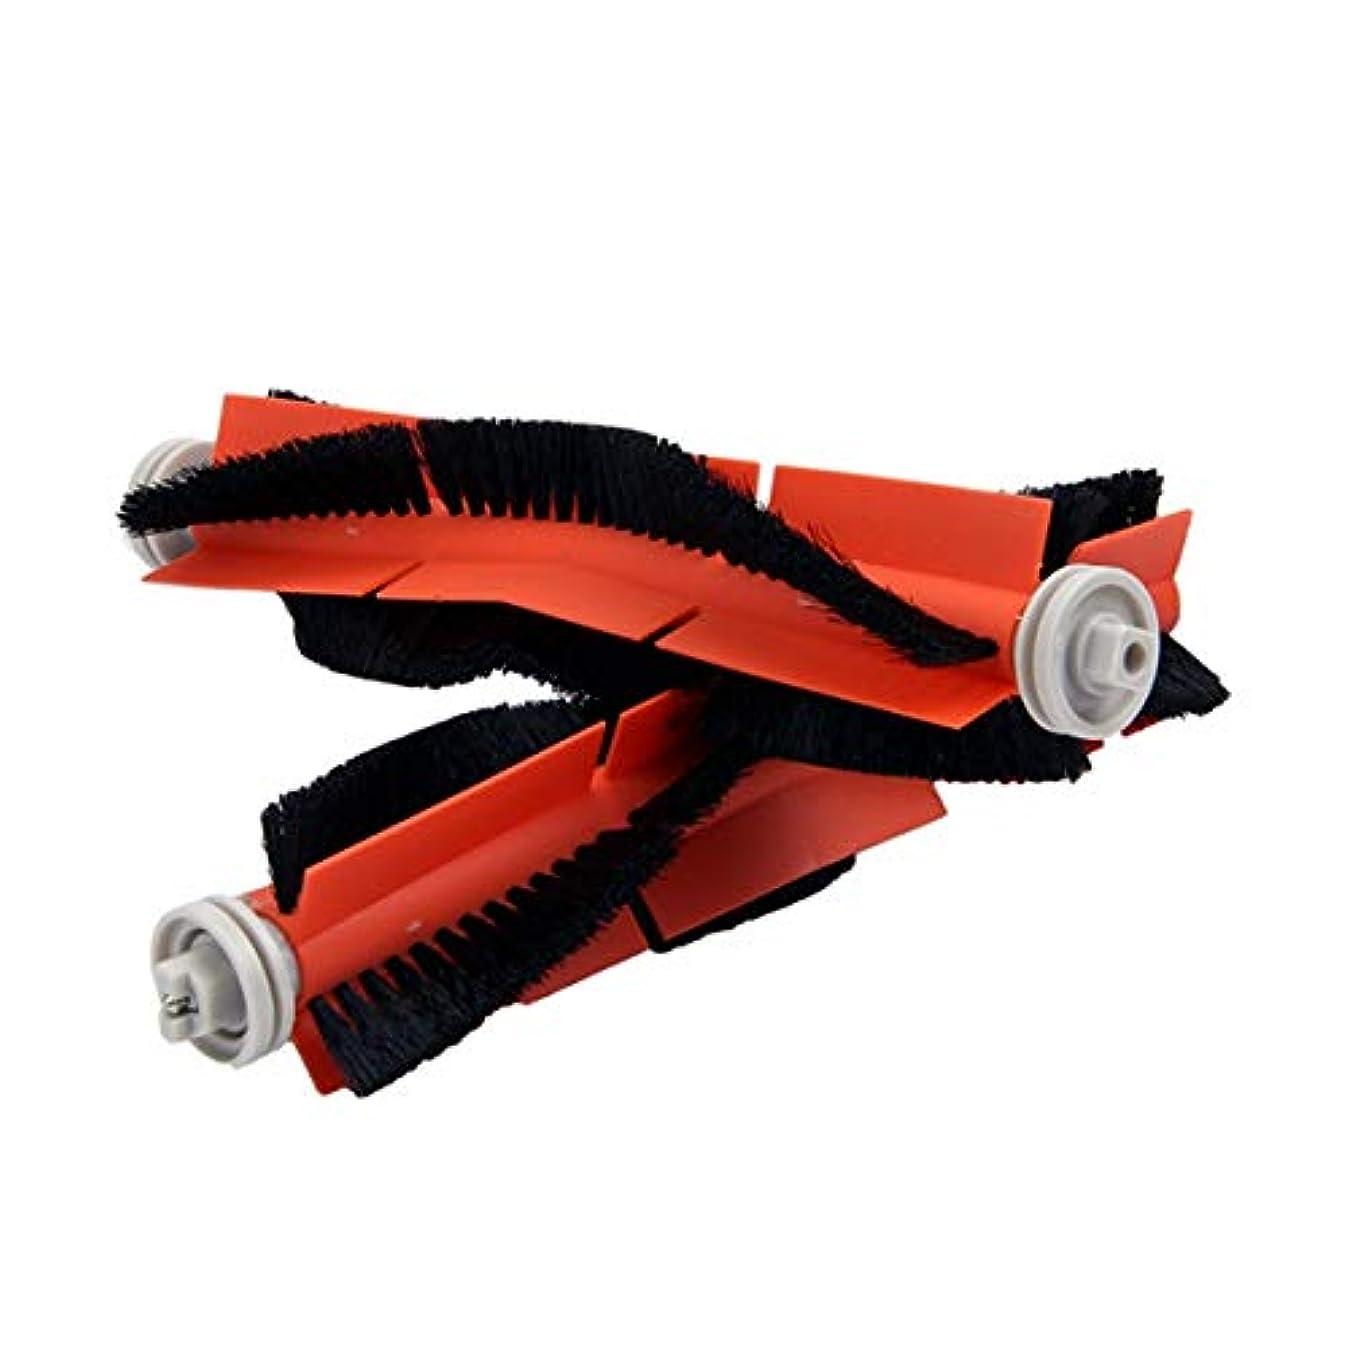 用量文庫本ラウンジACAMPTAR 掃除機部品アクセサリー / roborock用アクセサリー3 本 サイドブラシ2個 HEPAフィルター2個 メインブラシ1個 クリーニングツール